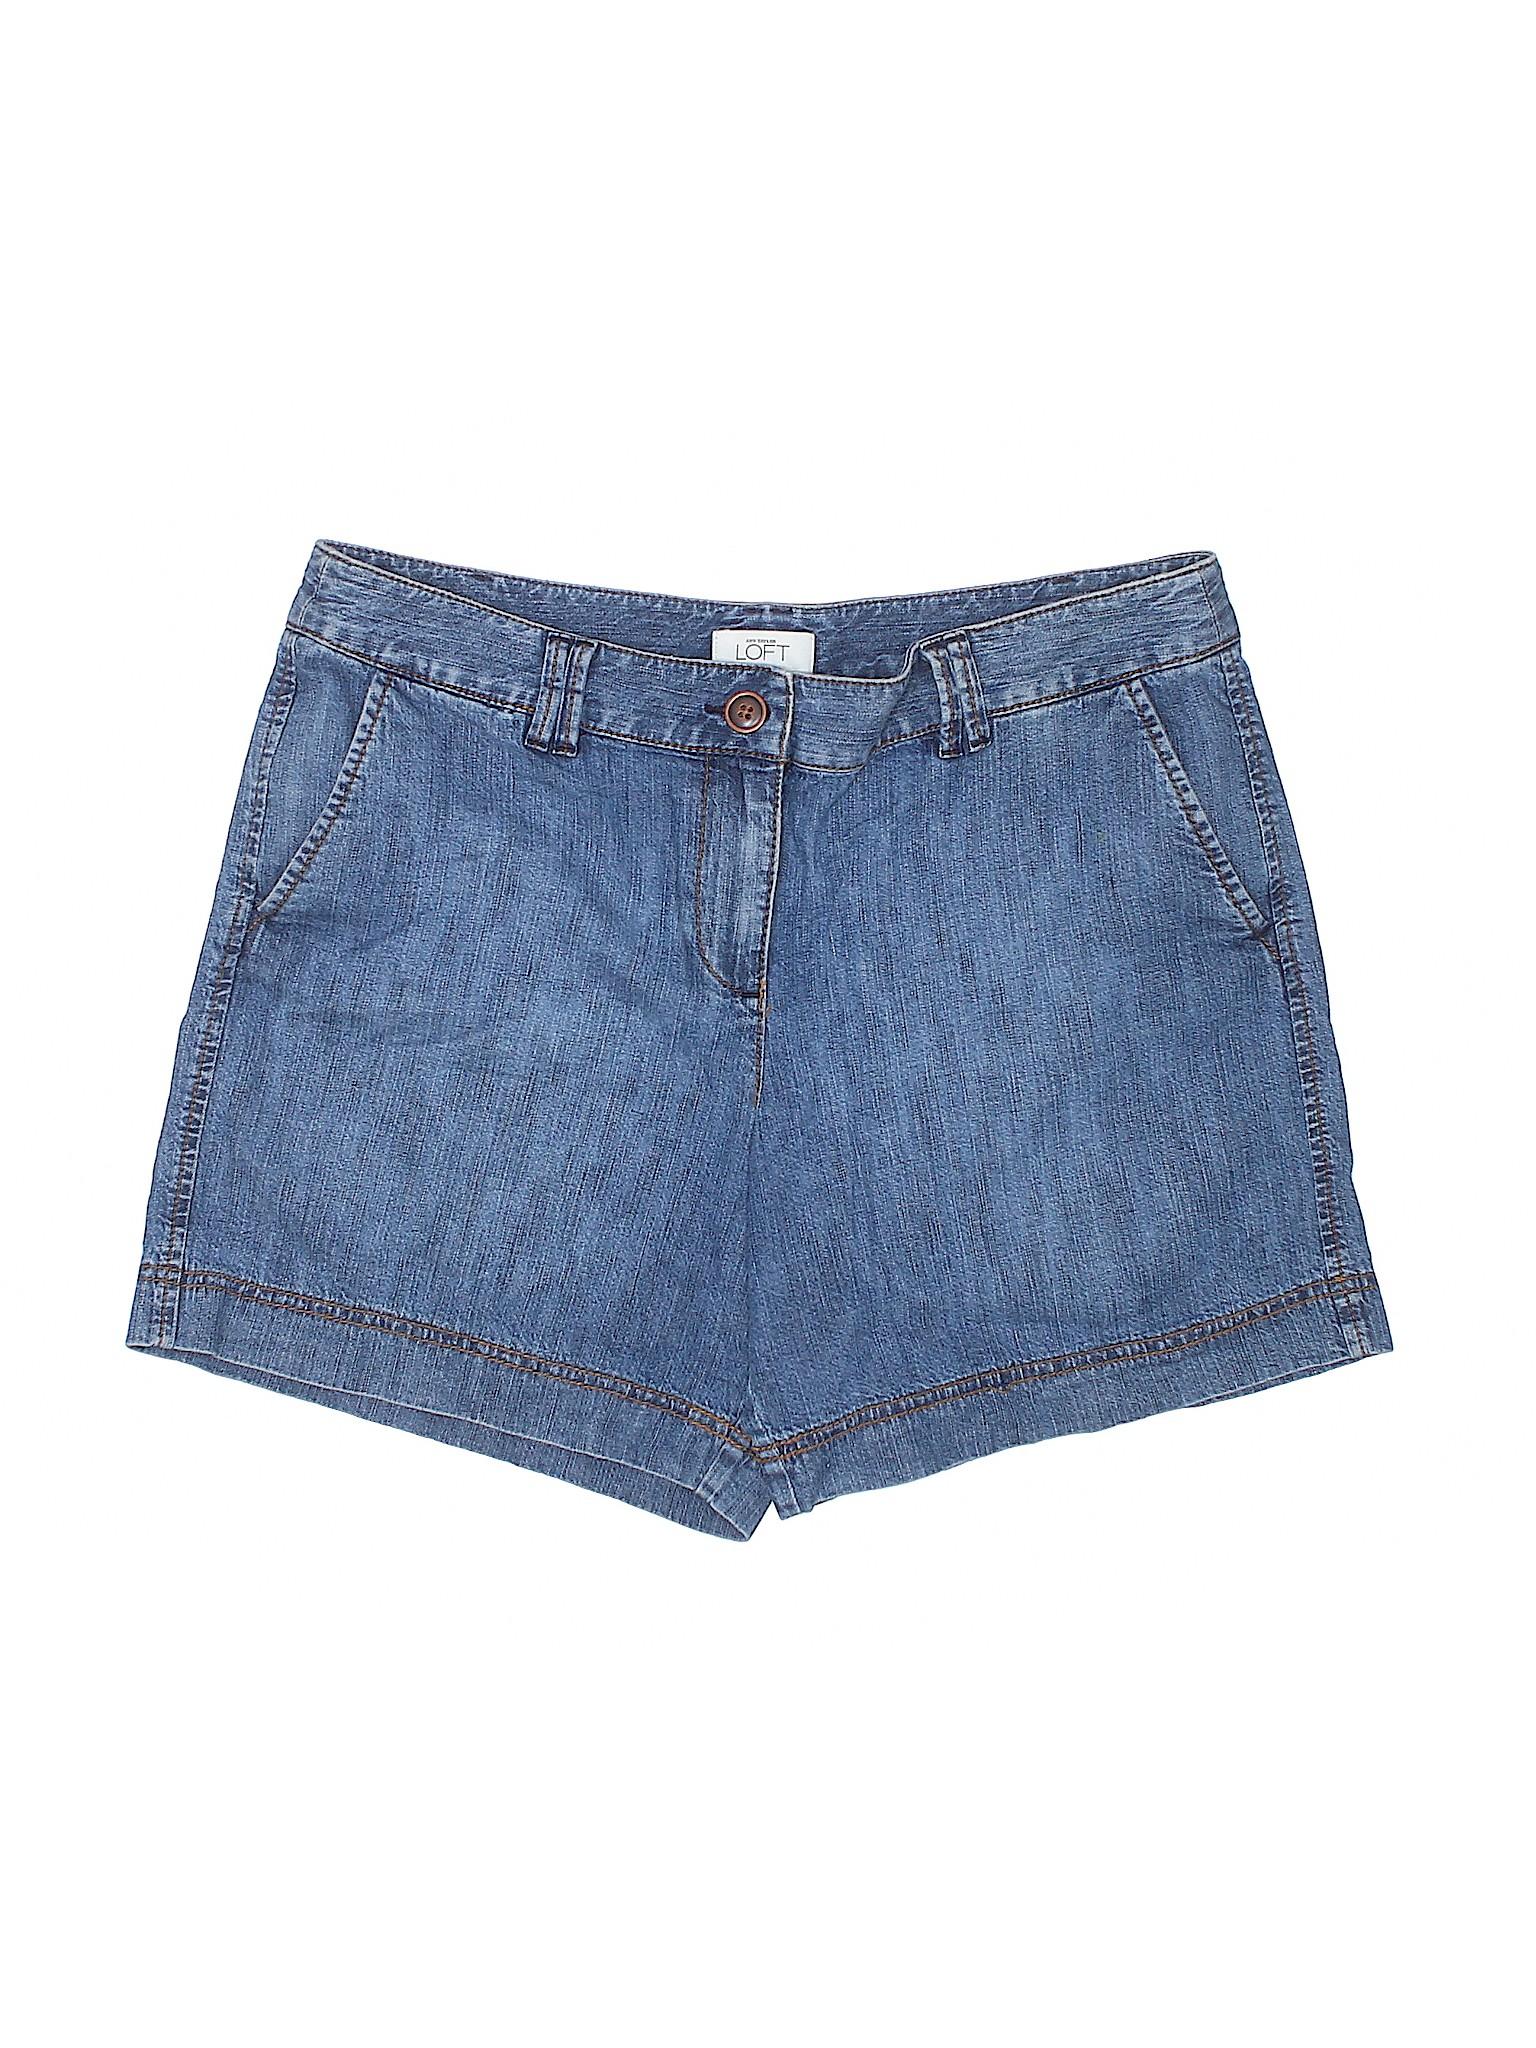 Outlet Taylor Shorts leisure LOFT Boutique Denim Ann P4xIwqnCE